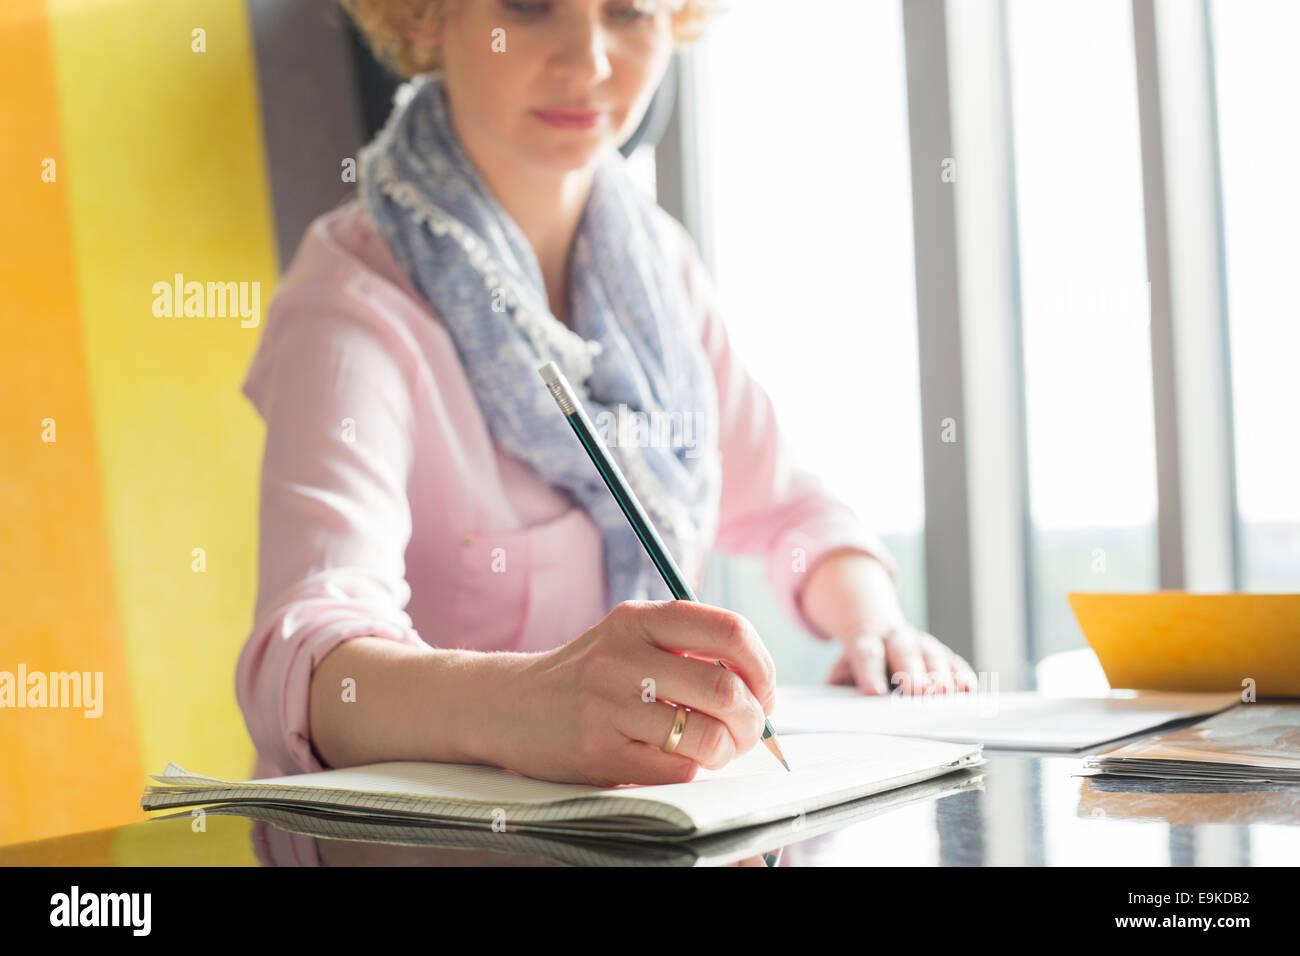 Mitte adult Geschäftsfrau auf Merkzettel am Schreibtisch im Büro schreiben Stockbild